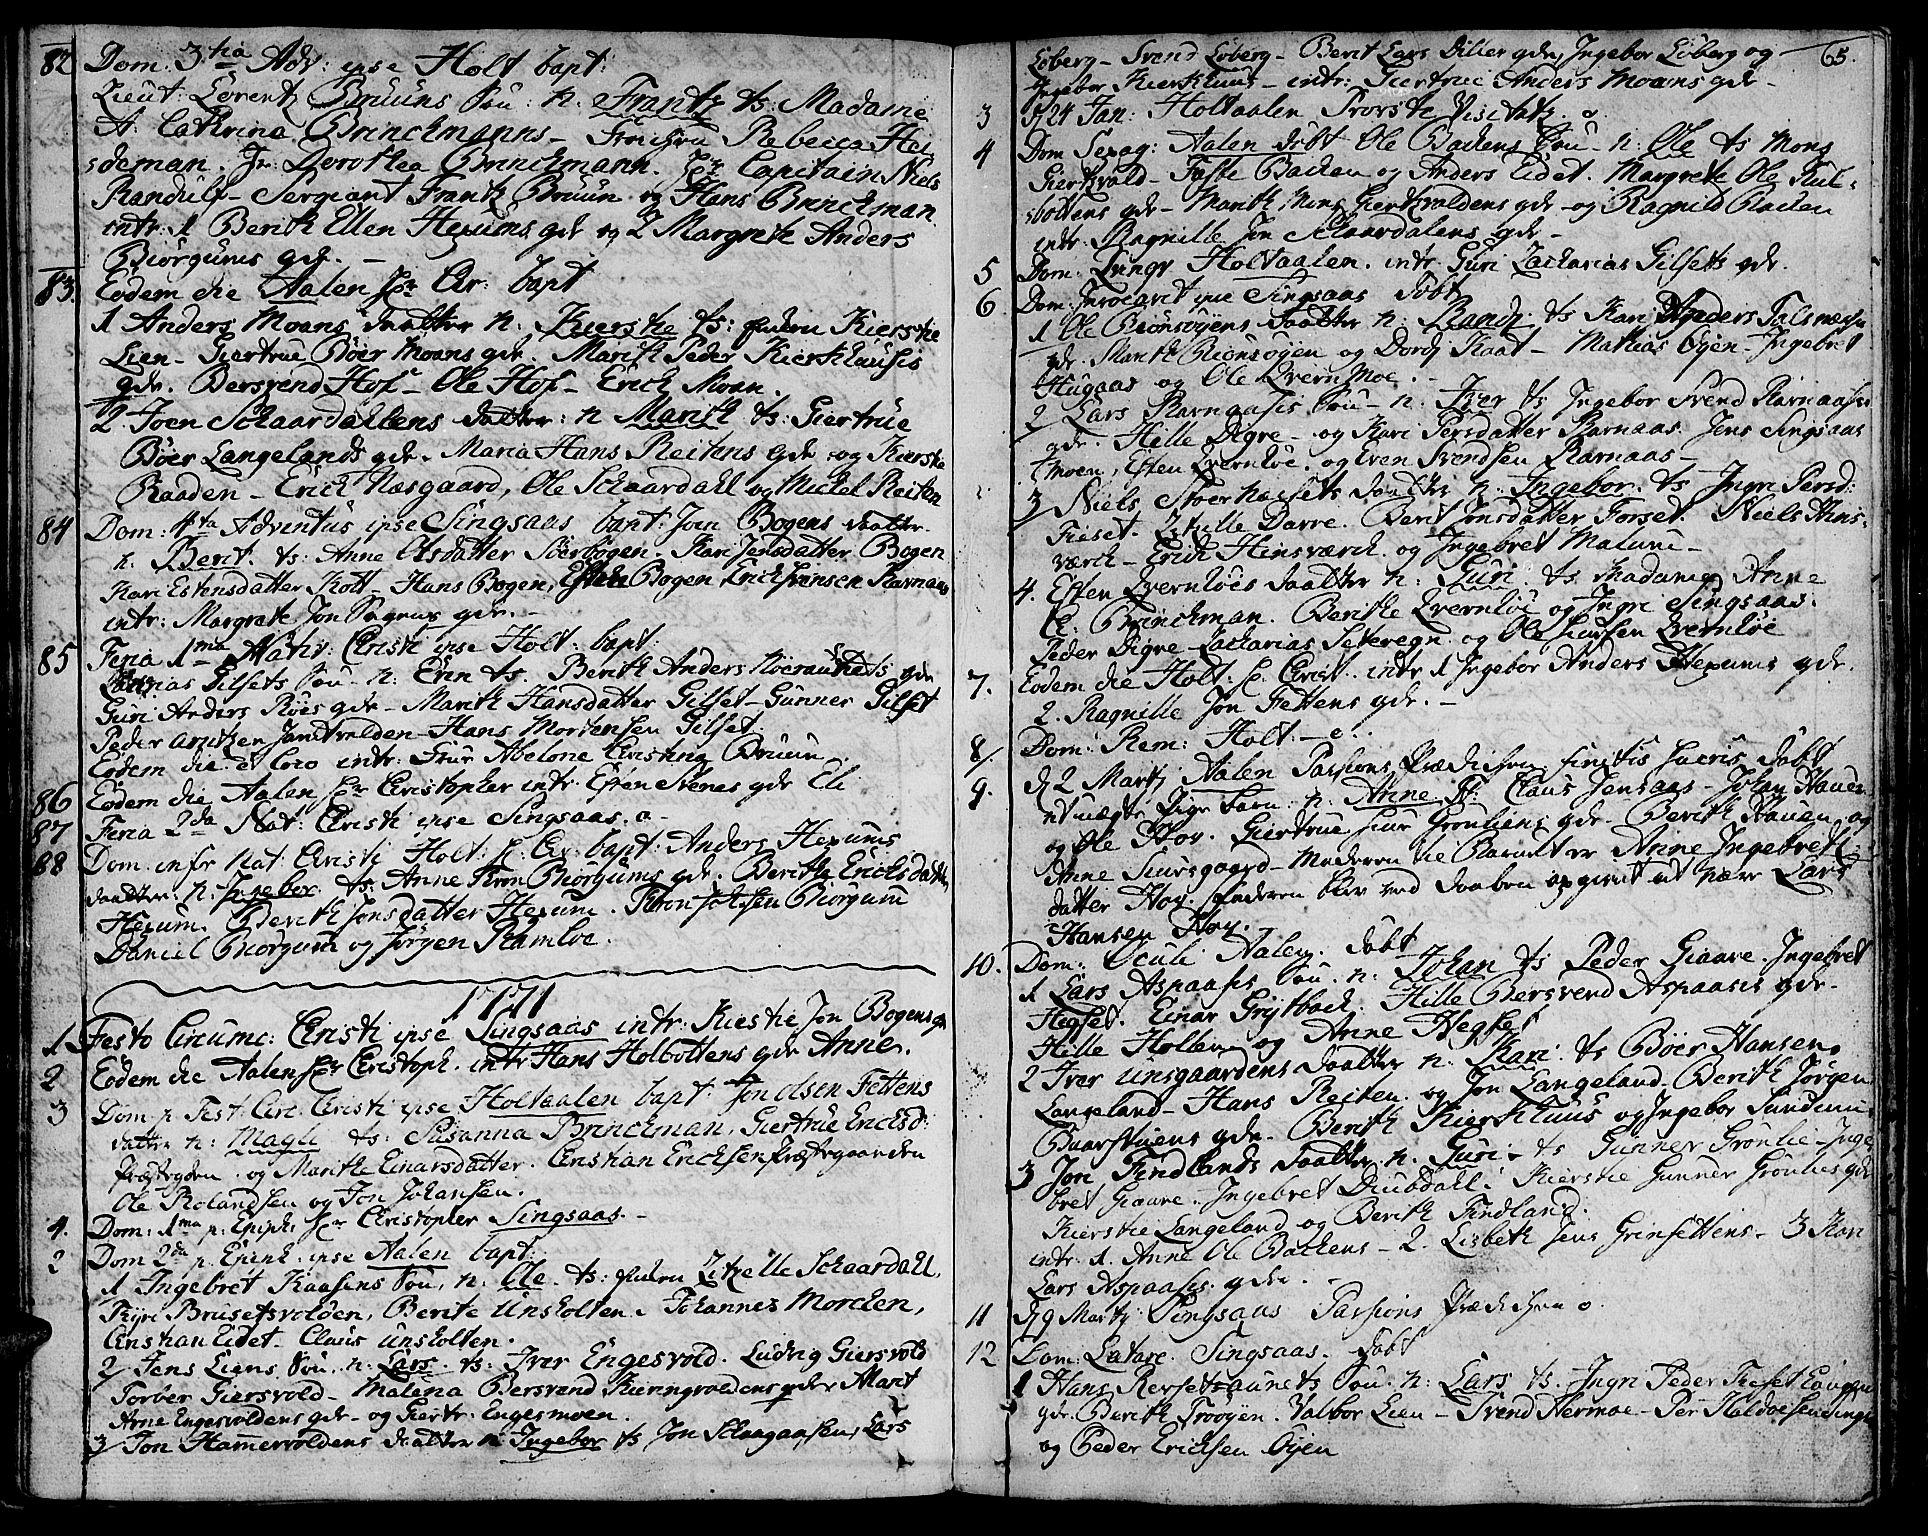 SAT, Ministerialprotokoller, klokkerbøker og fødselsregistre - Sør-Trøndelag, 685/L0952: Ministerialbok nr. 685A01, 1745-1804, s. 65